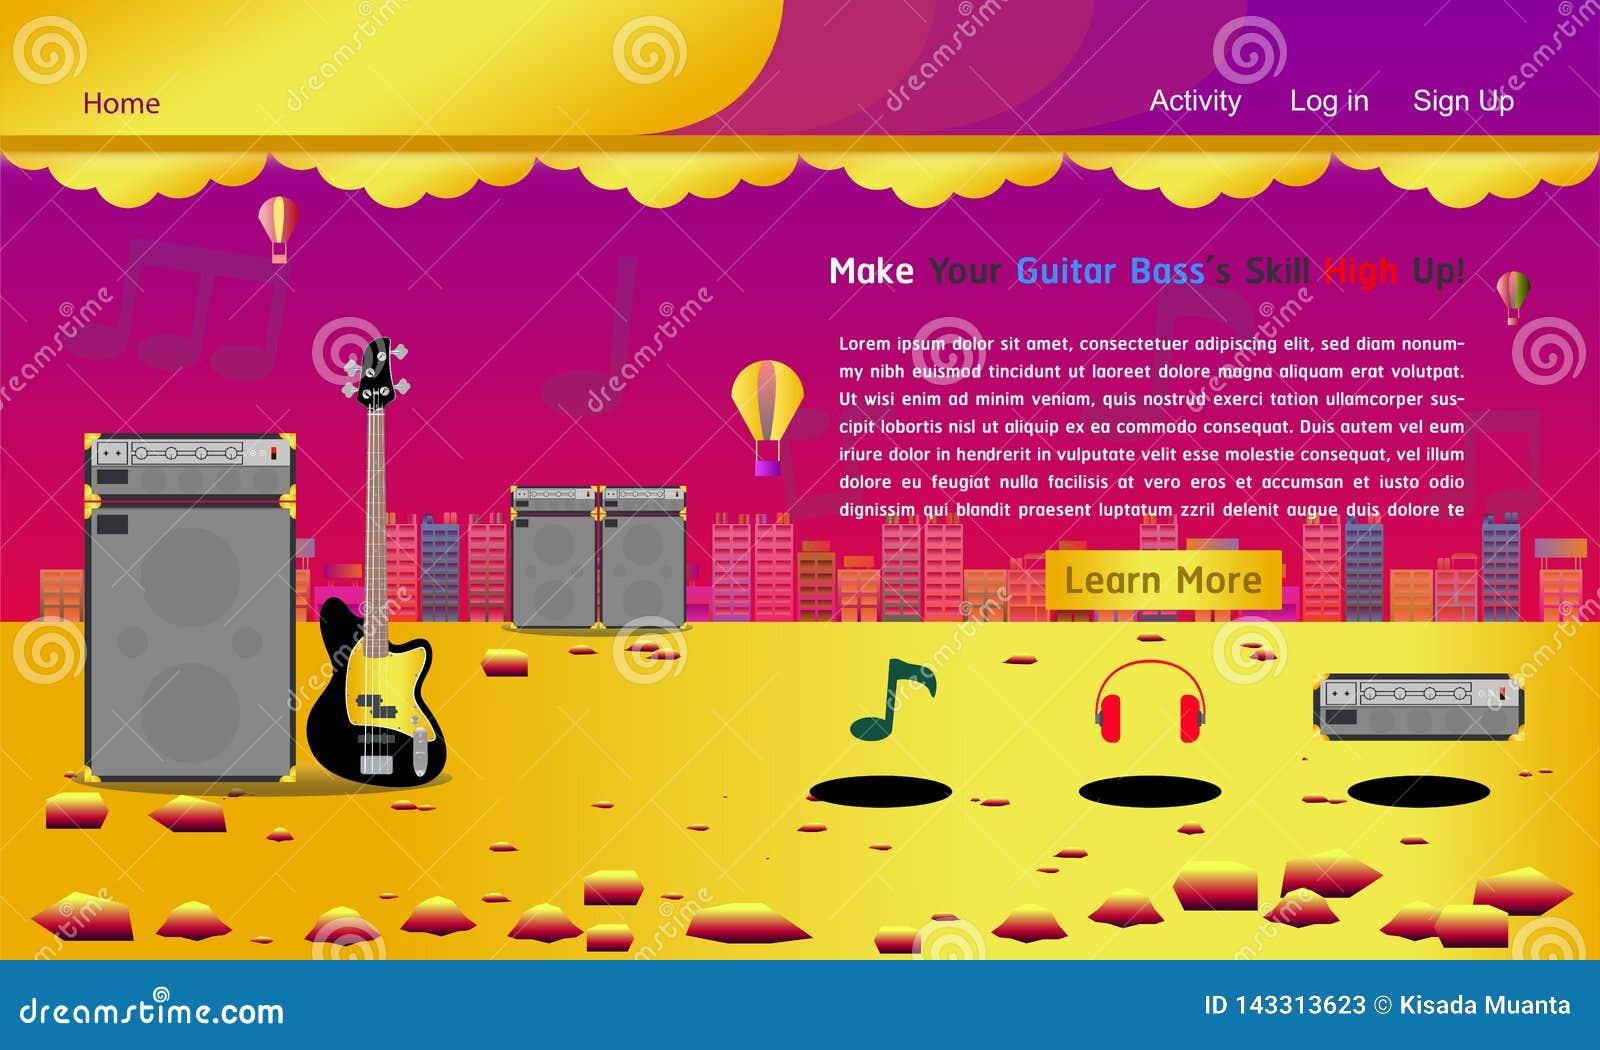 Gitary strony internetowej basowego muzycznego pracownianego szablonu złocista kolorowa wektorowa ilustracja eps10